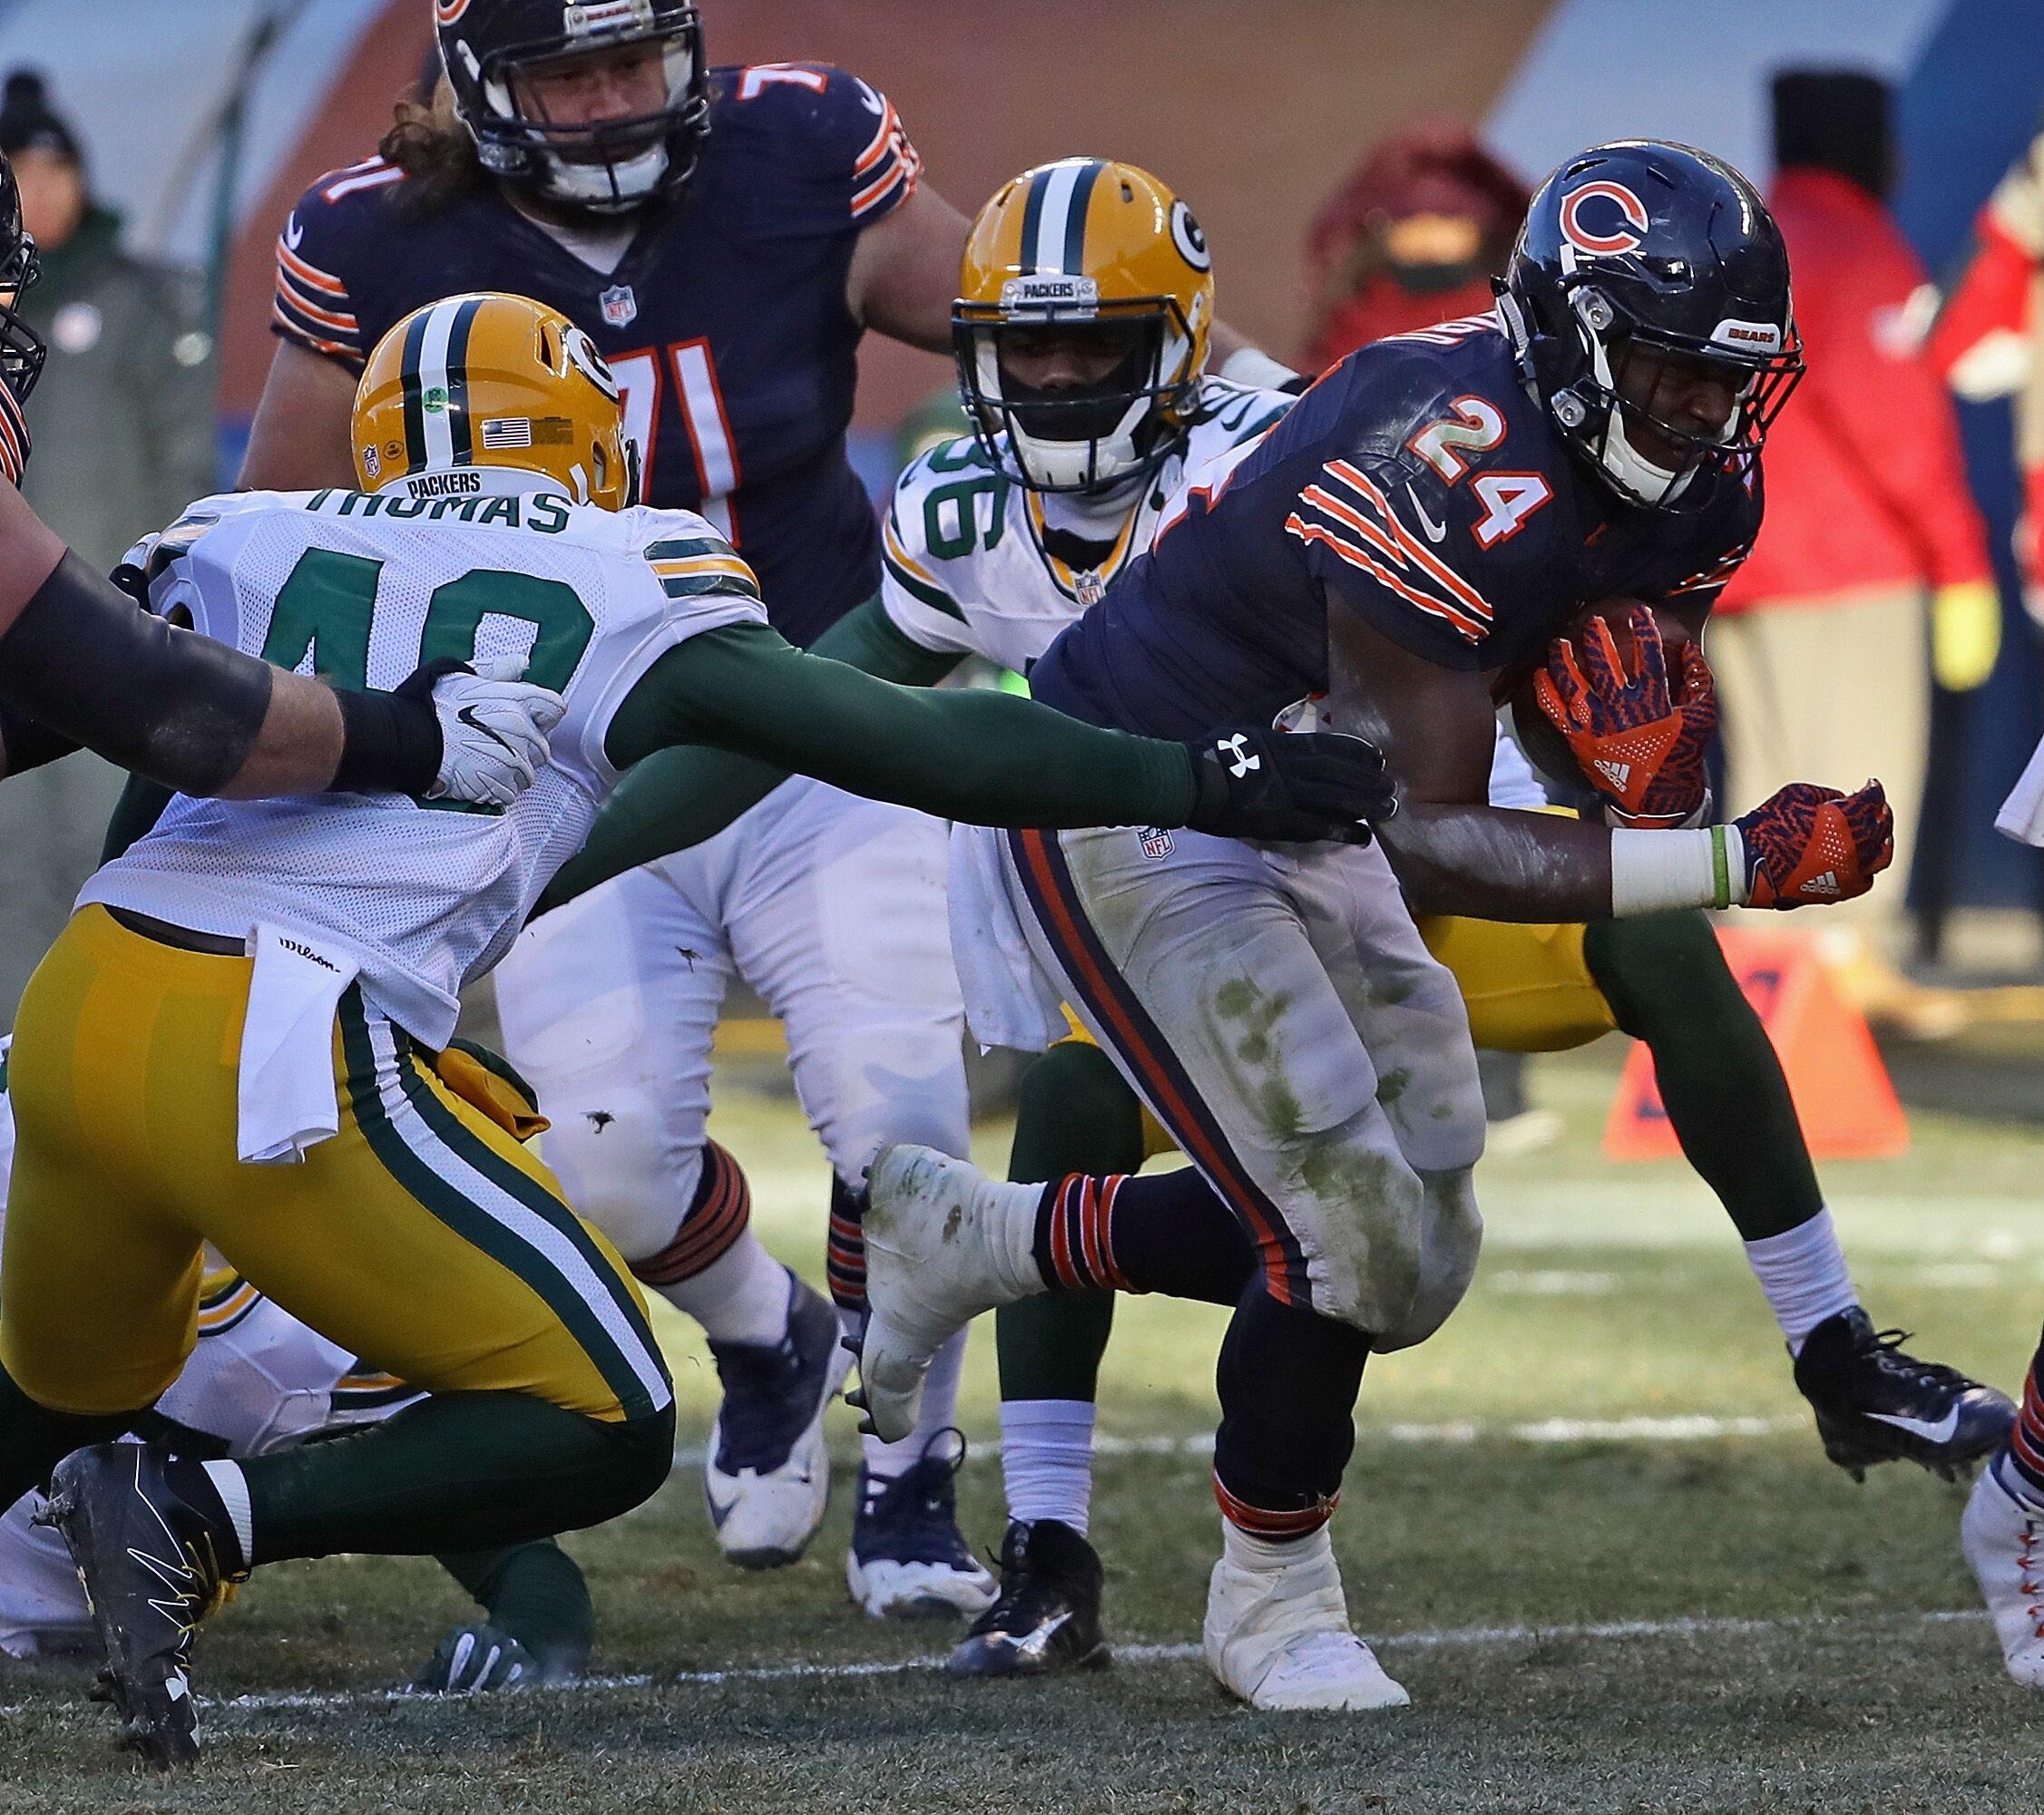 Week 11 Giants Vs Packers: Bears Vs. Packers: Preview, Score Prediction For Week 4